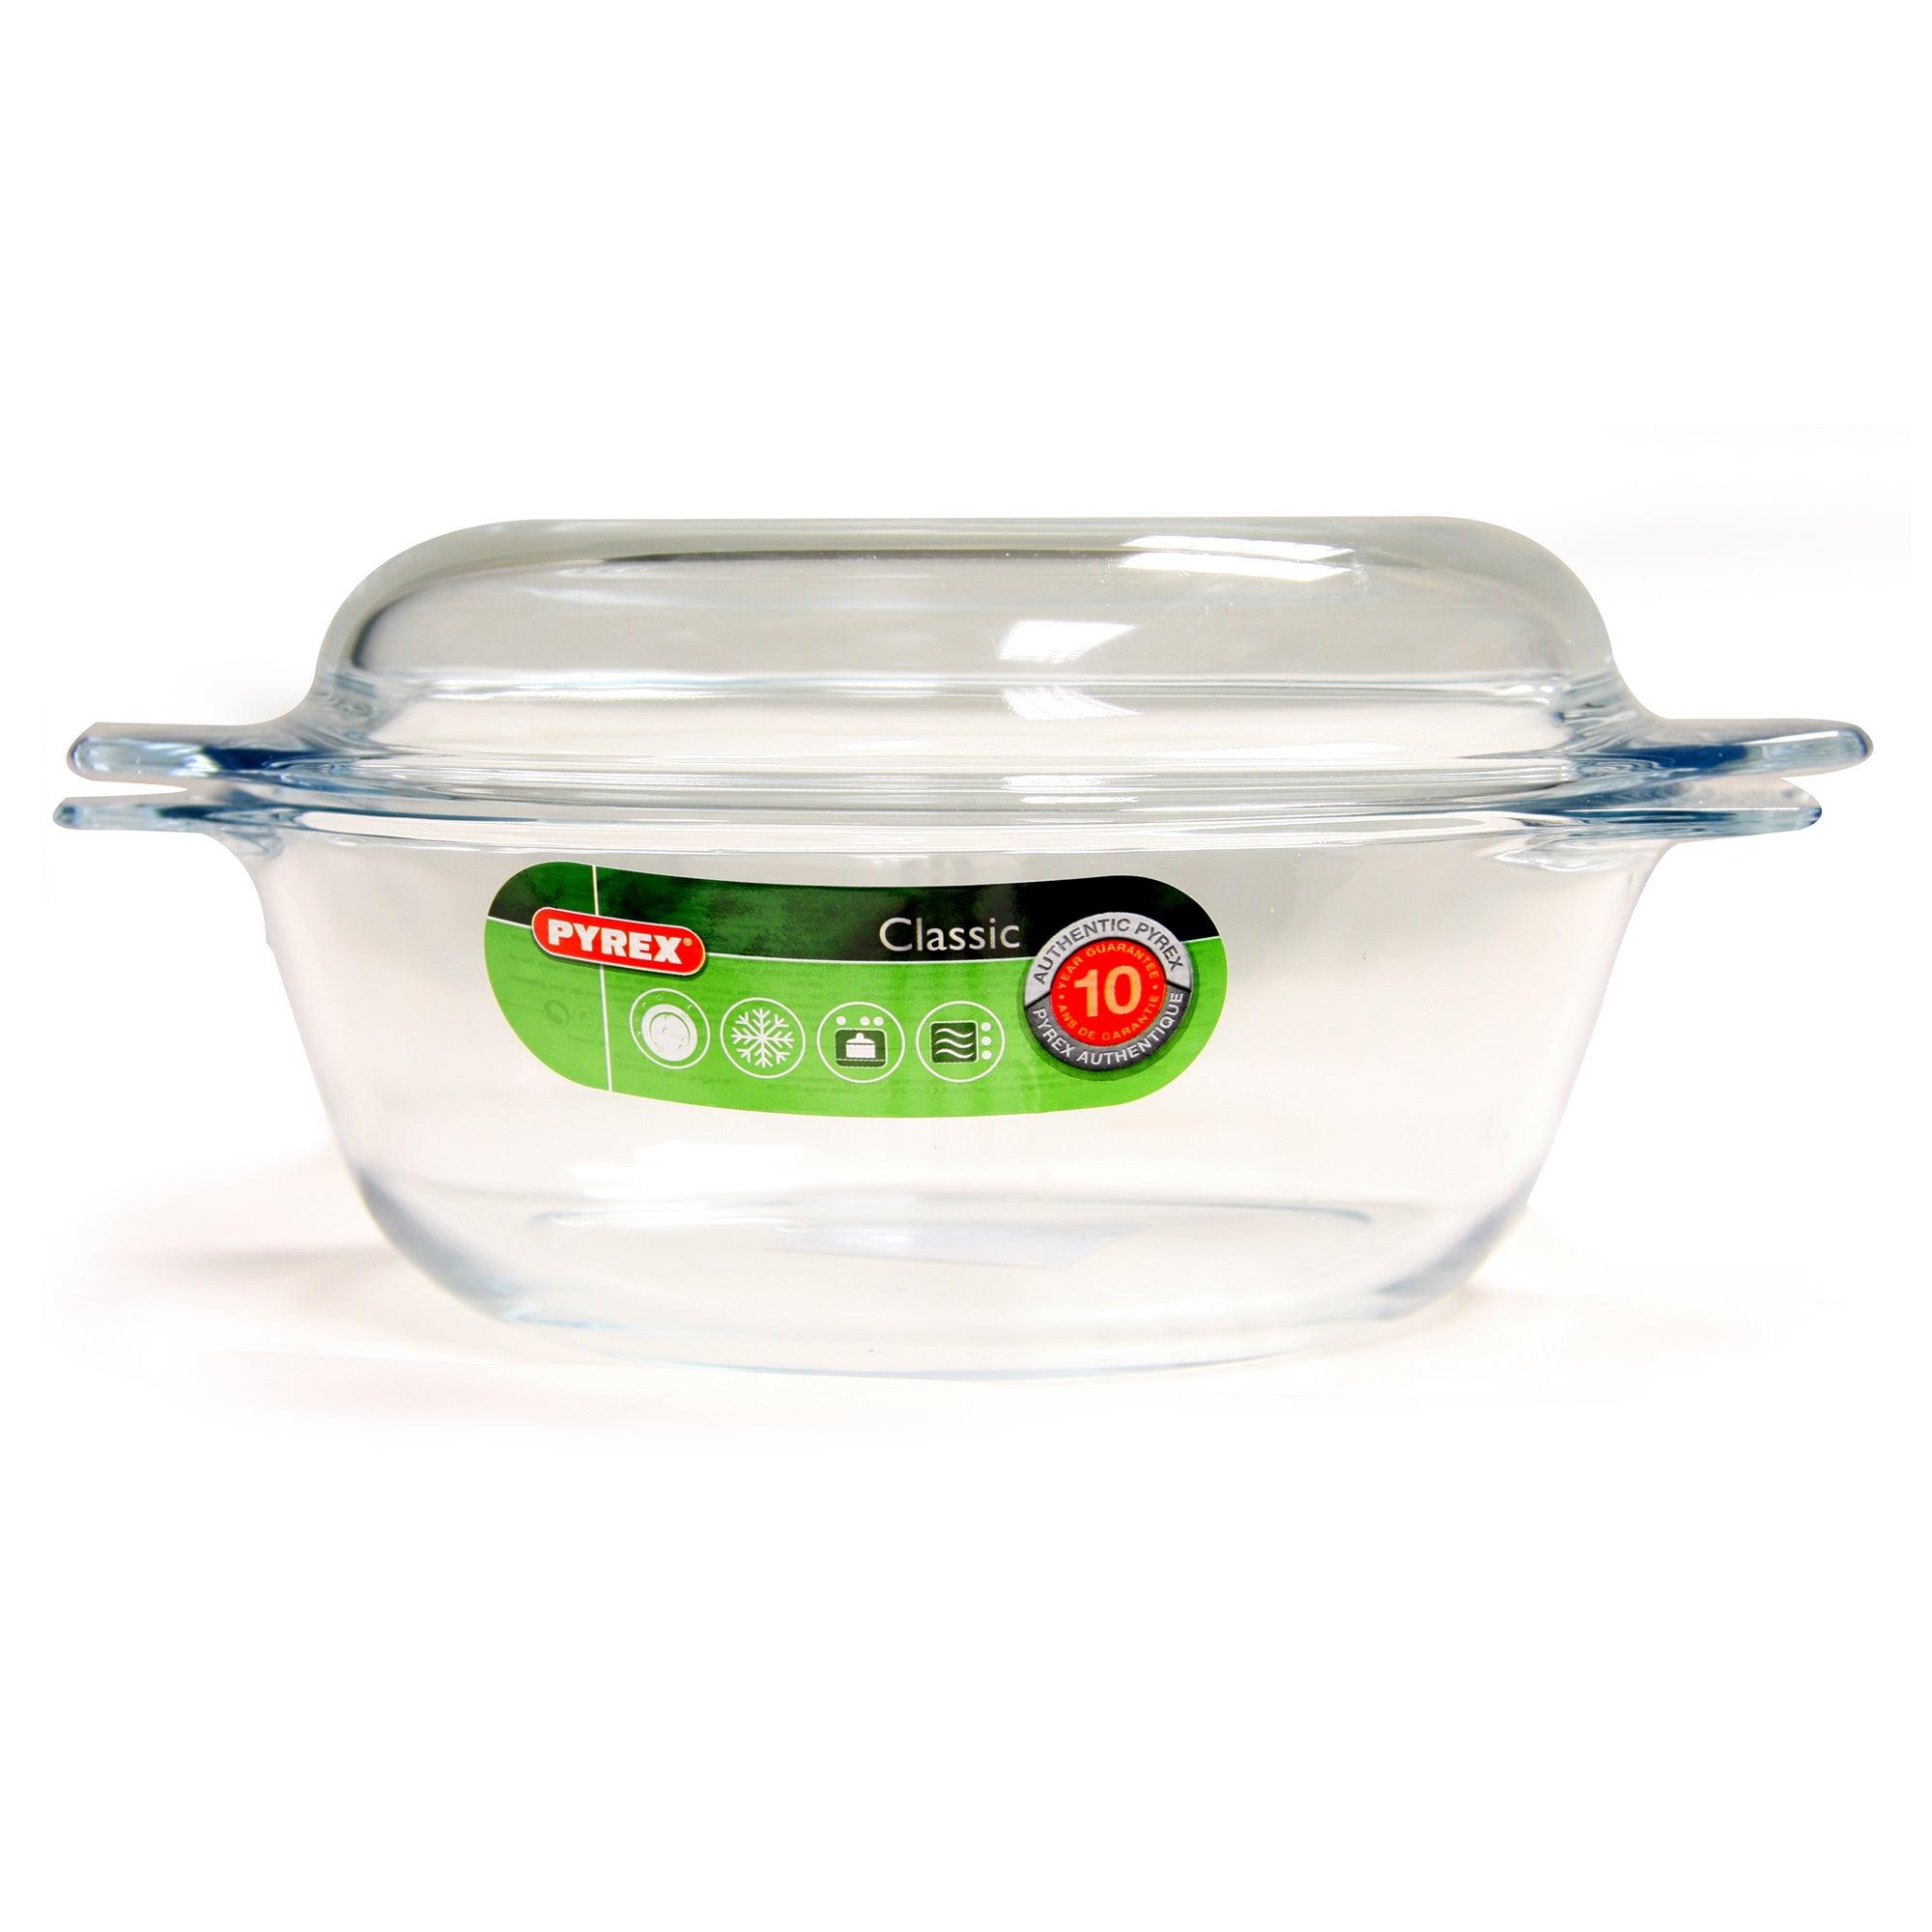 Pyrex 750ml Round Casserole Dish